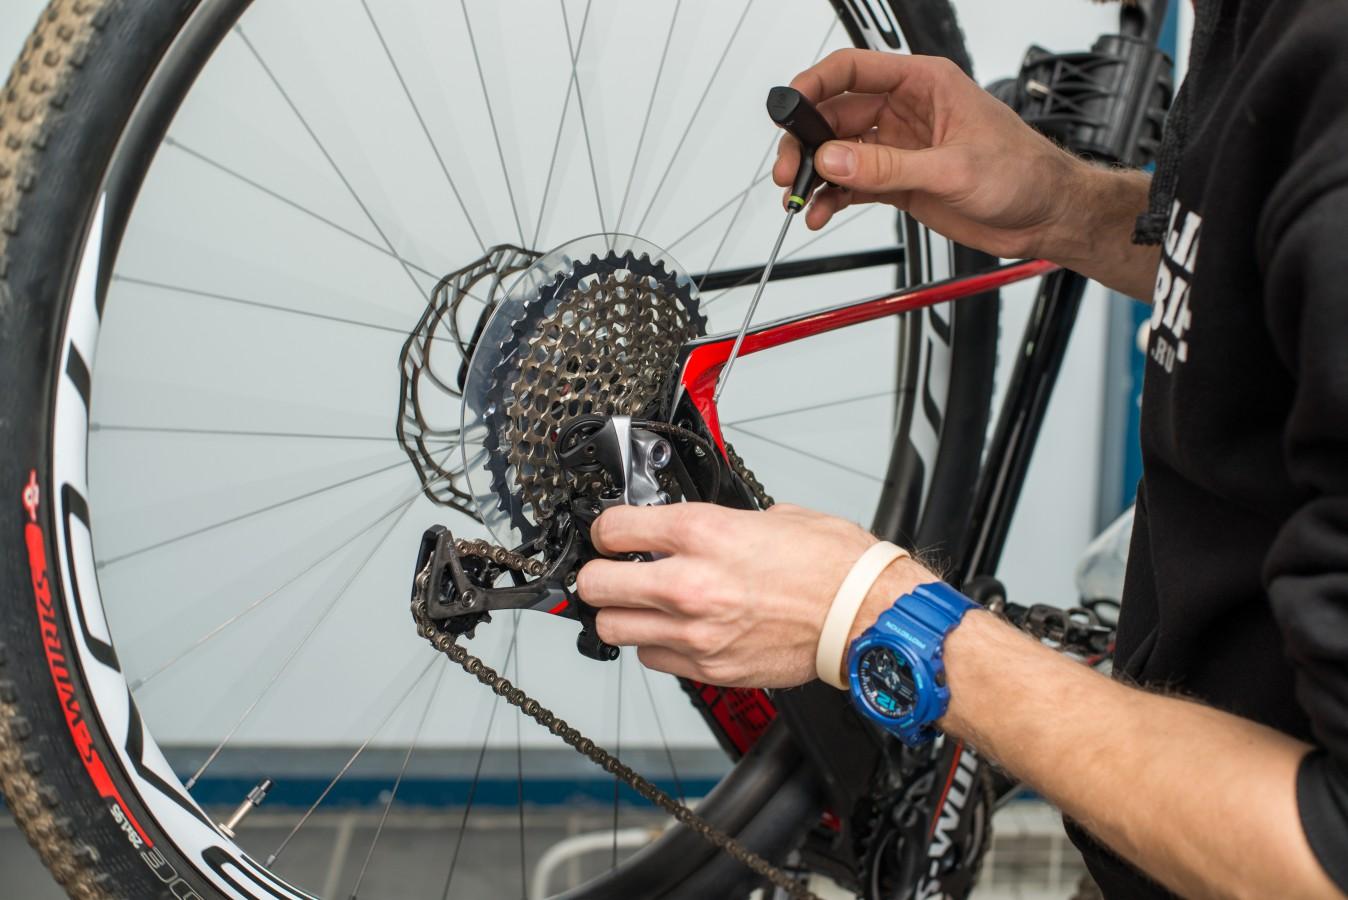 Как выглядит специализированный ремонт велосипедов?